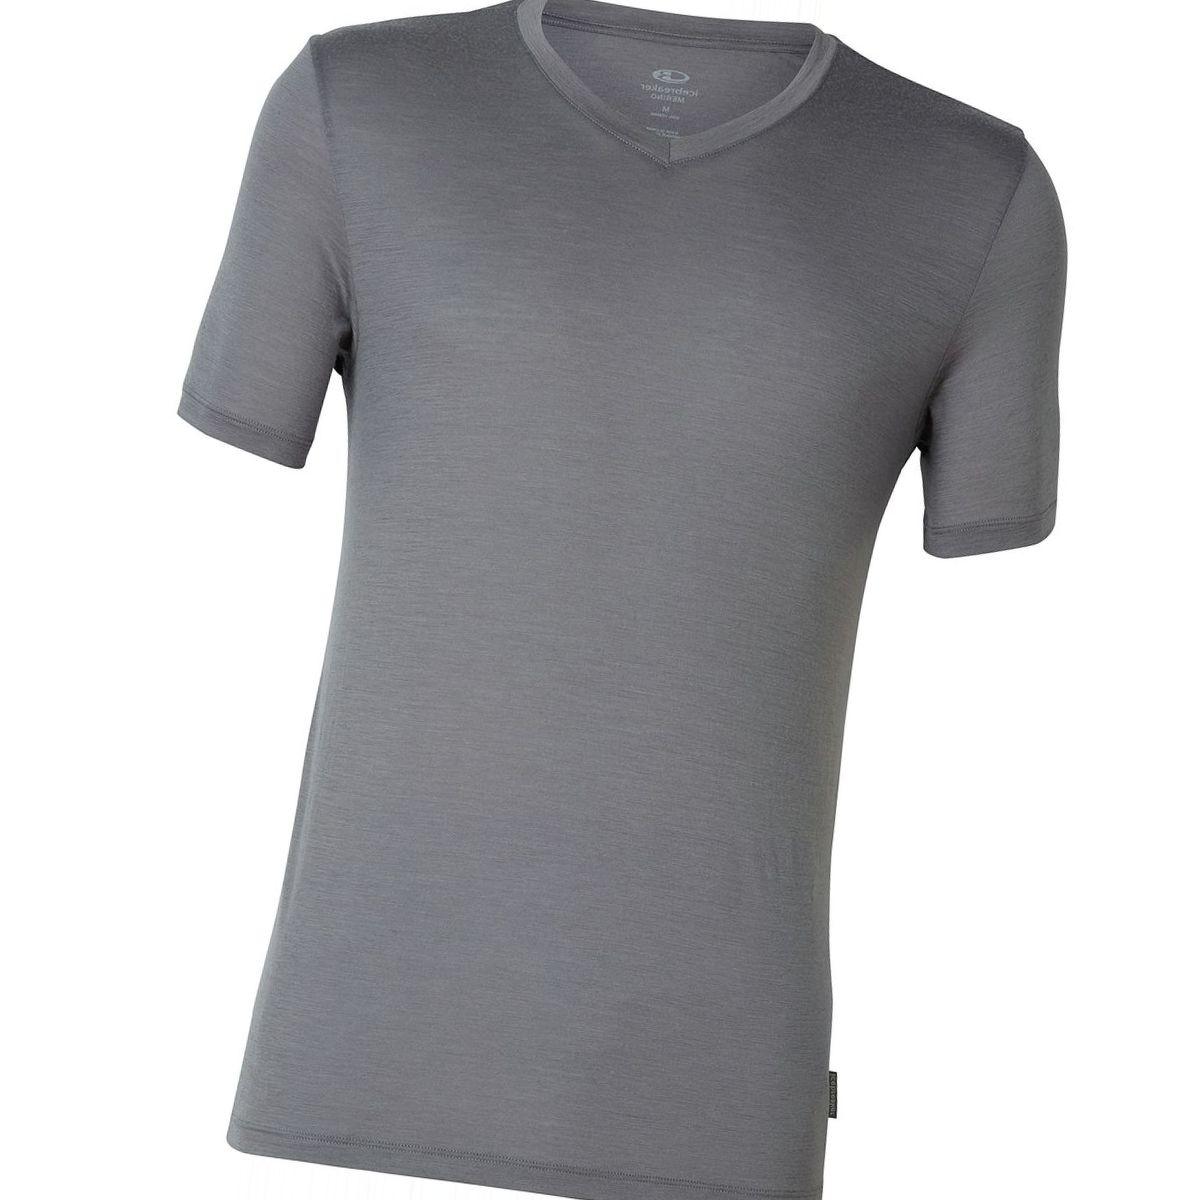 Icebreaker Tech Lite Short-Sleeve V-Neck - Men's